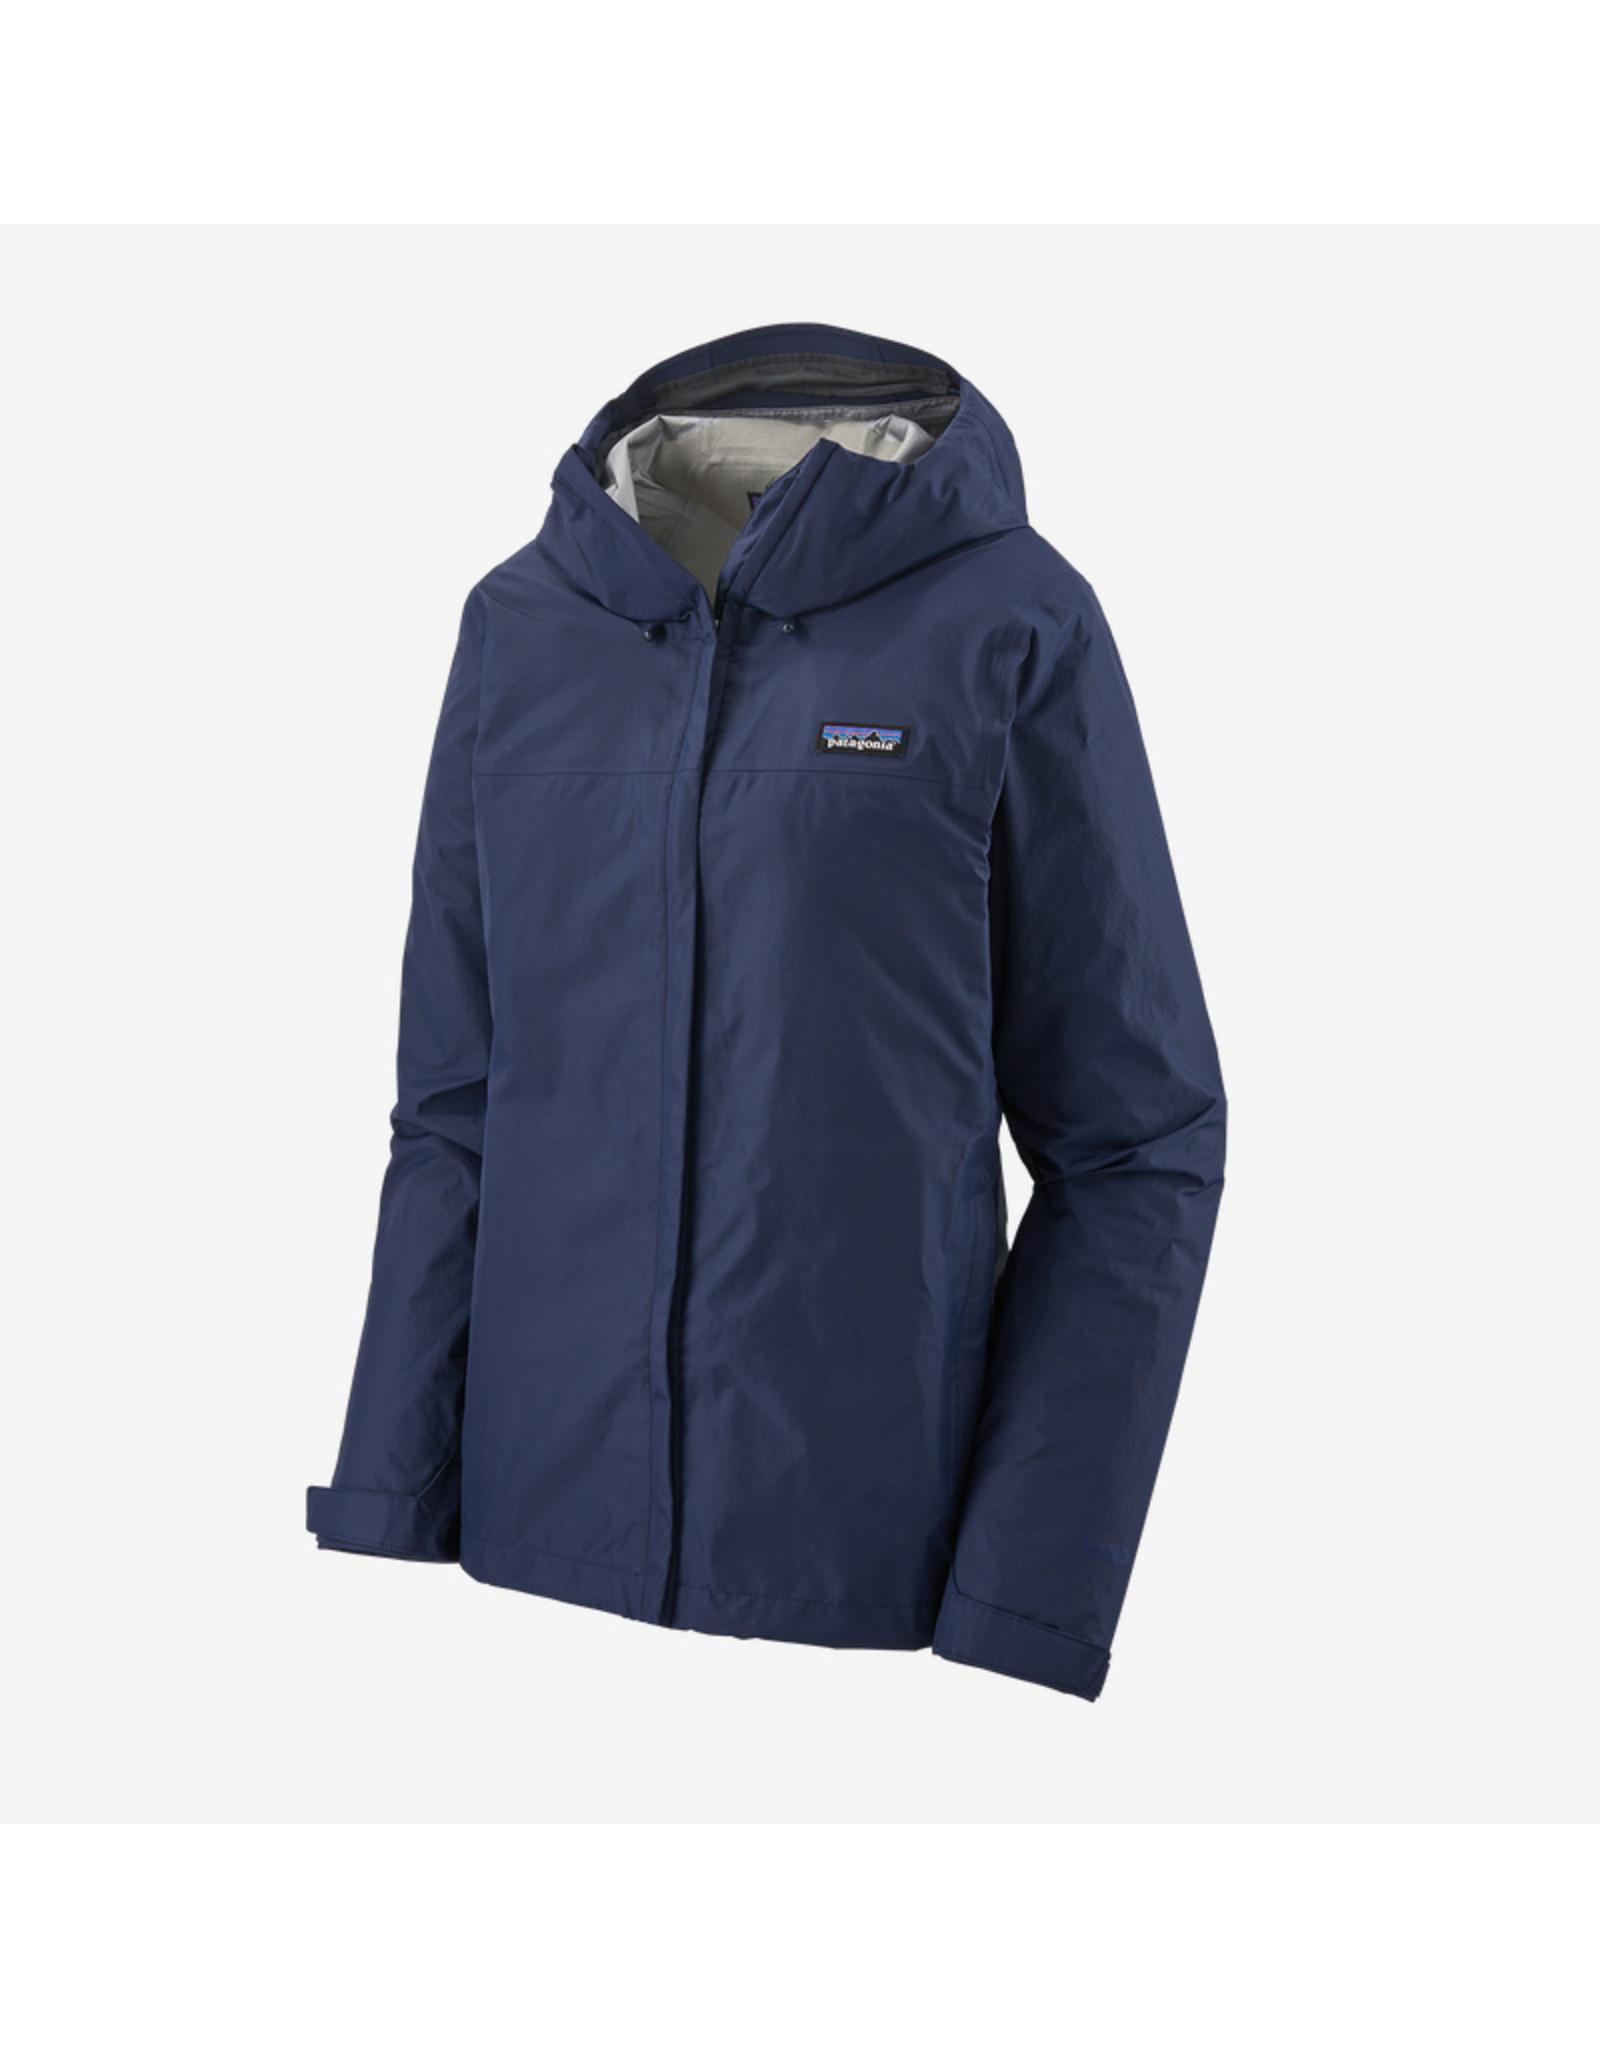 Patagonia Patagonia - Women's Torrentshell 3L Rain Jacket